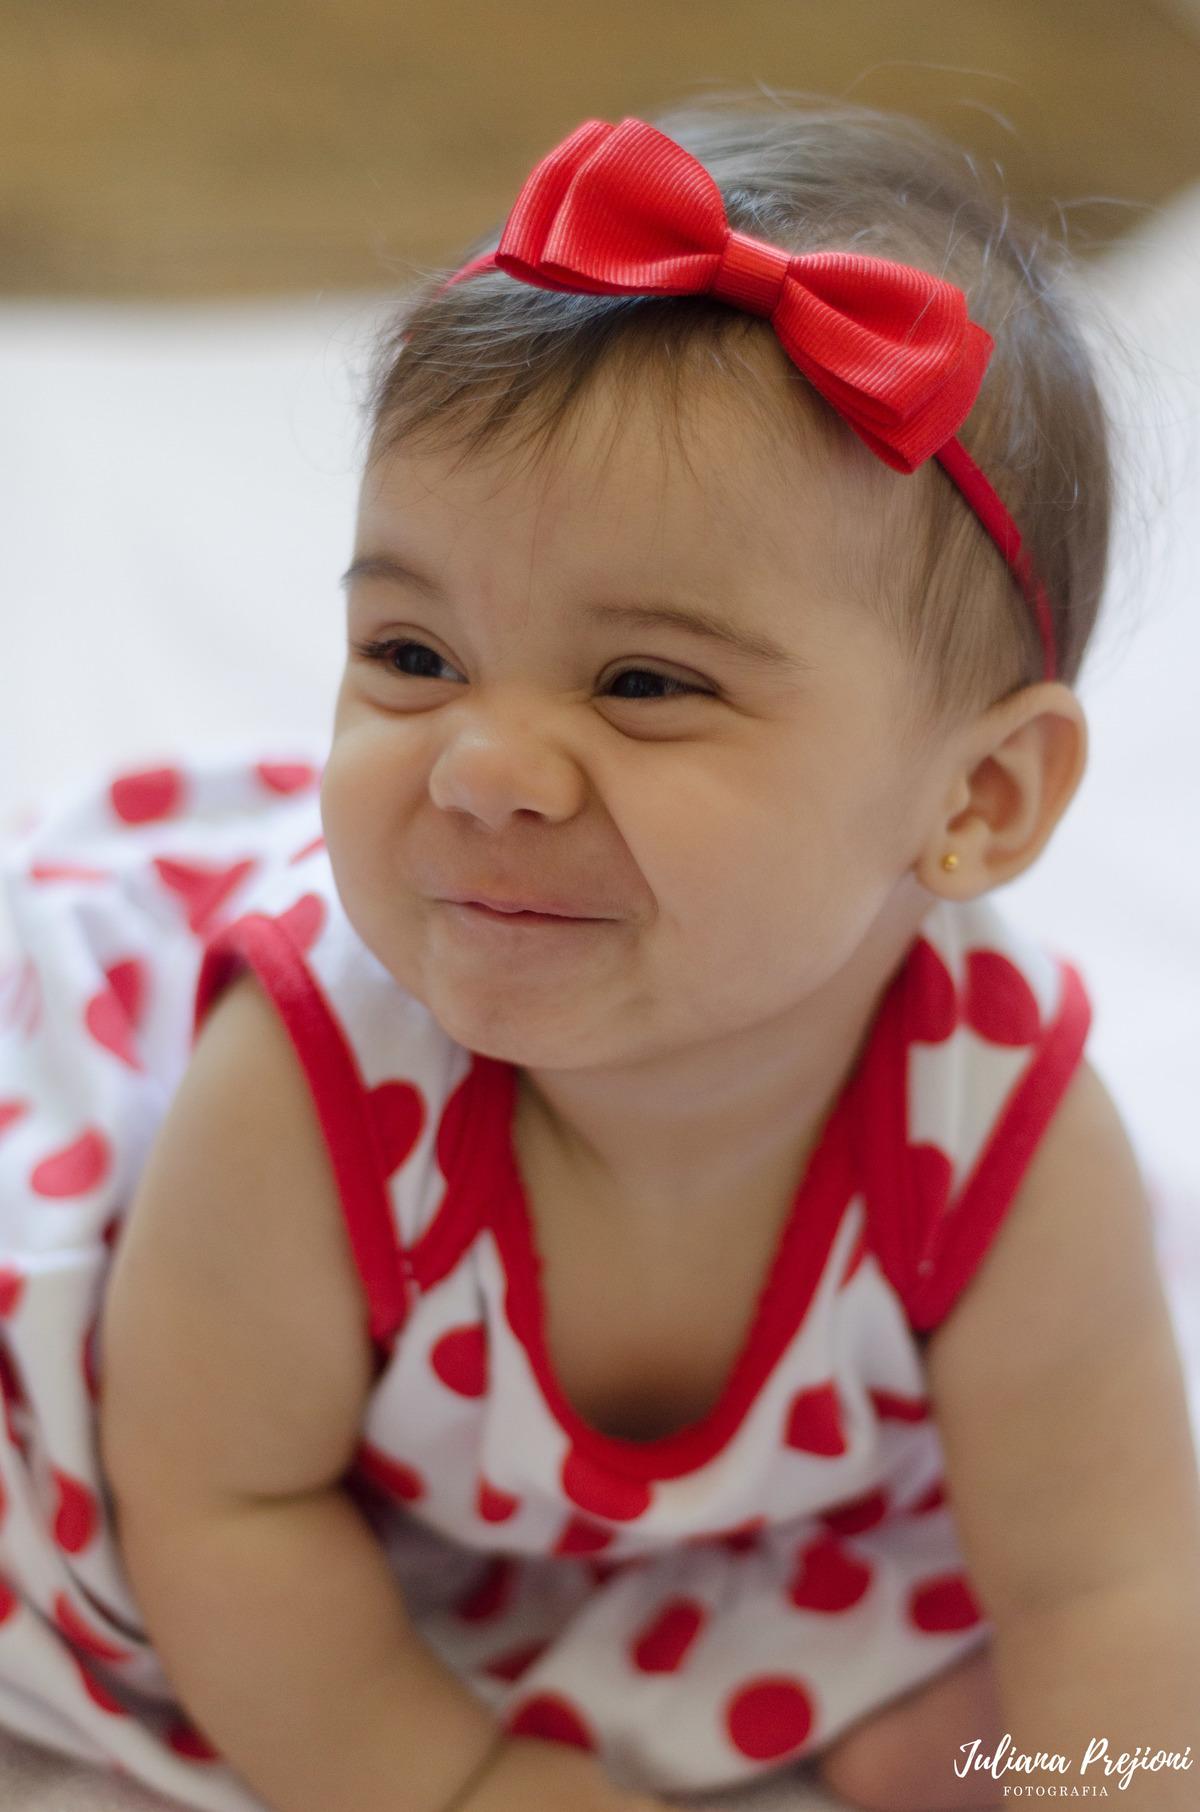 bebê brincando no chão e sorrindo